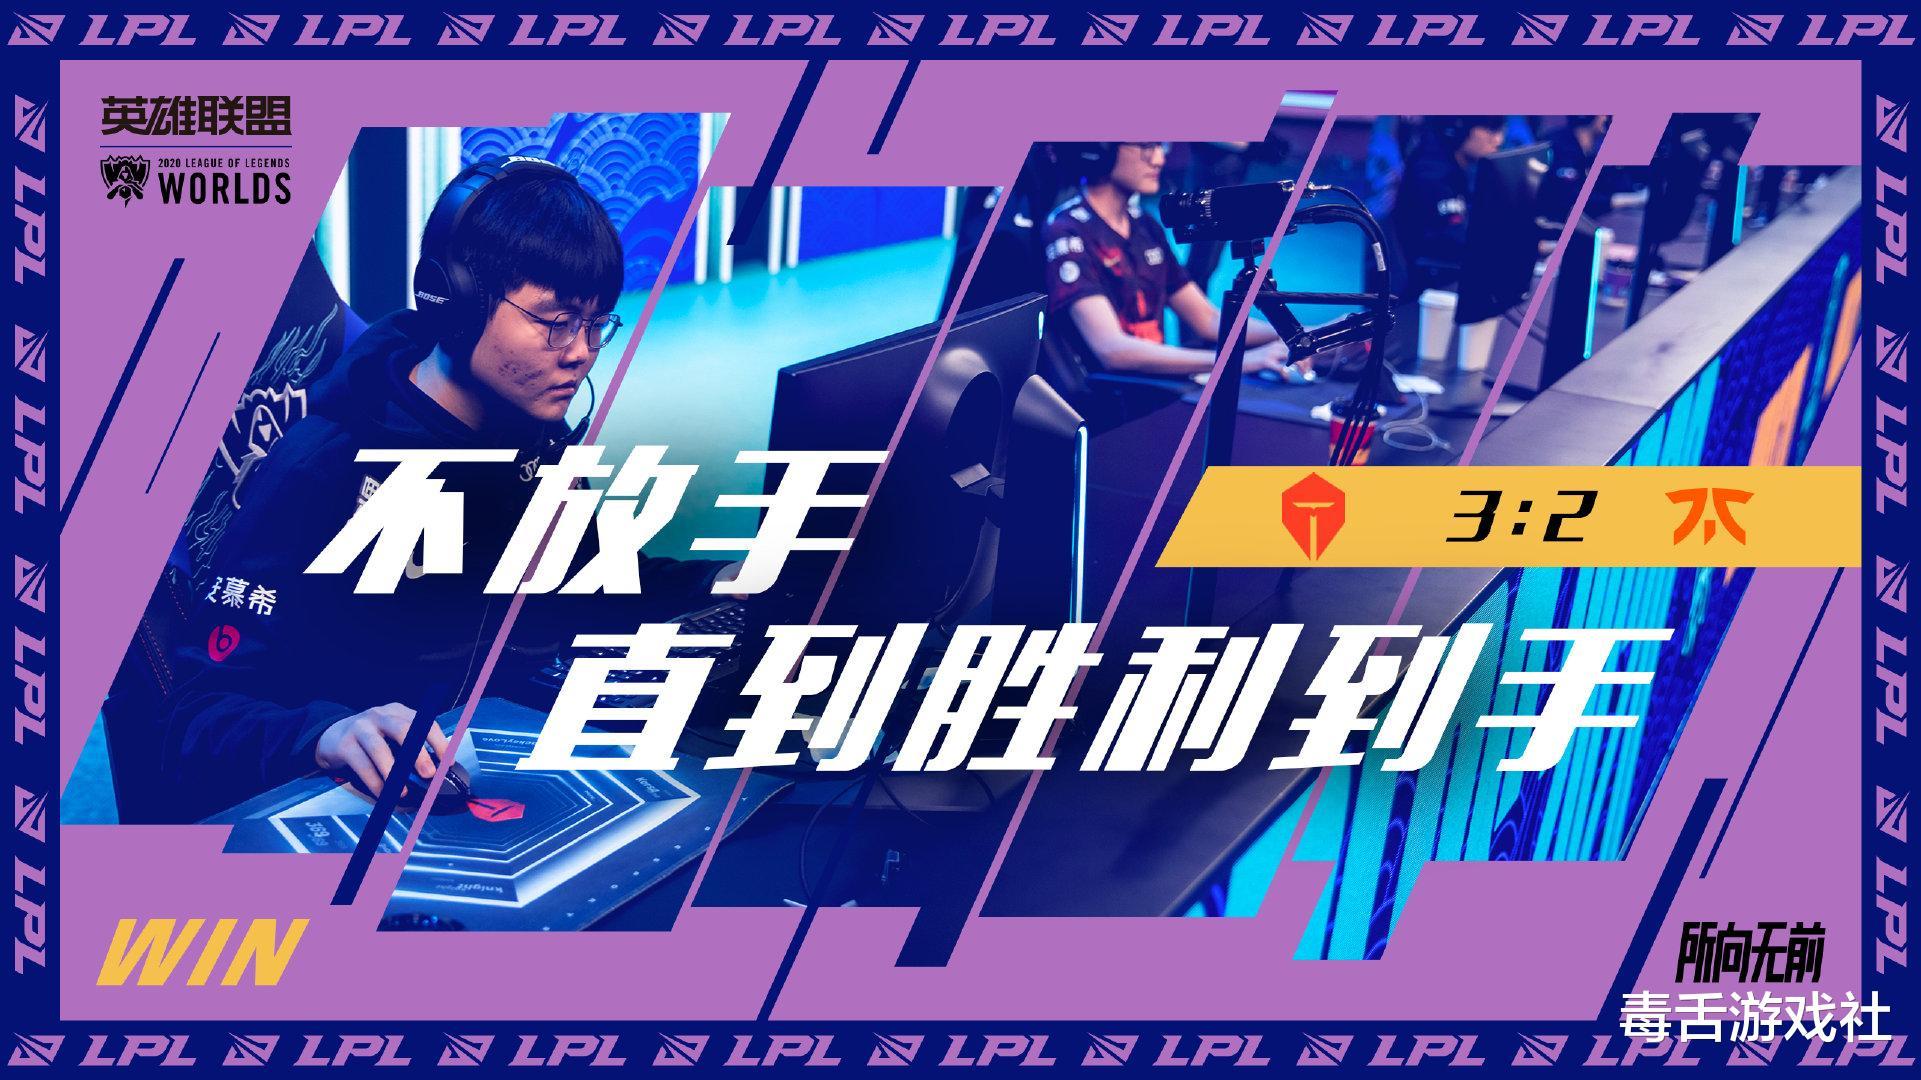 棋牌娱乐网_FNC被TES让二追三,LEC又成了LPL的背景板,G2发表16字评价-第2张图片-游戏摸鱼怪